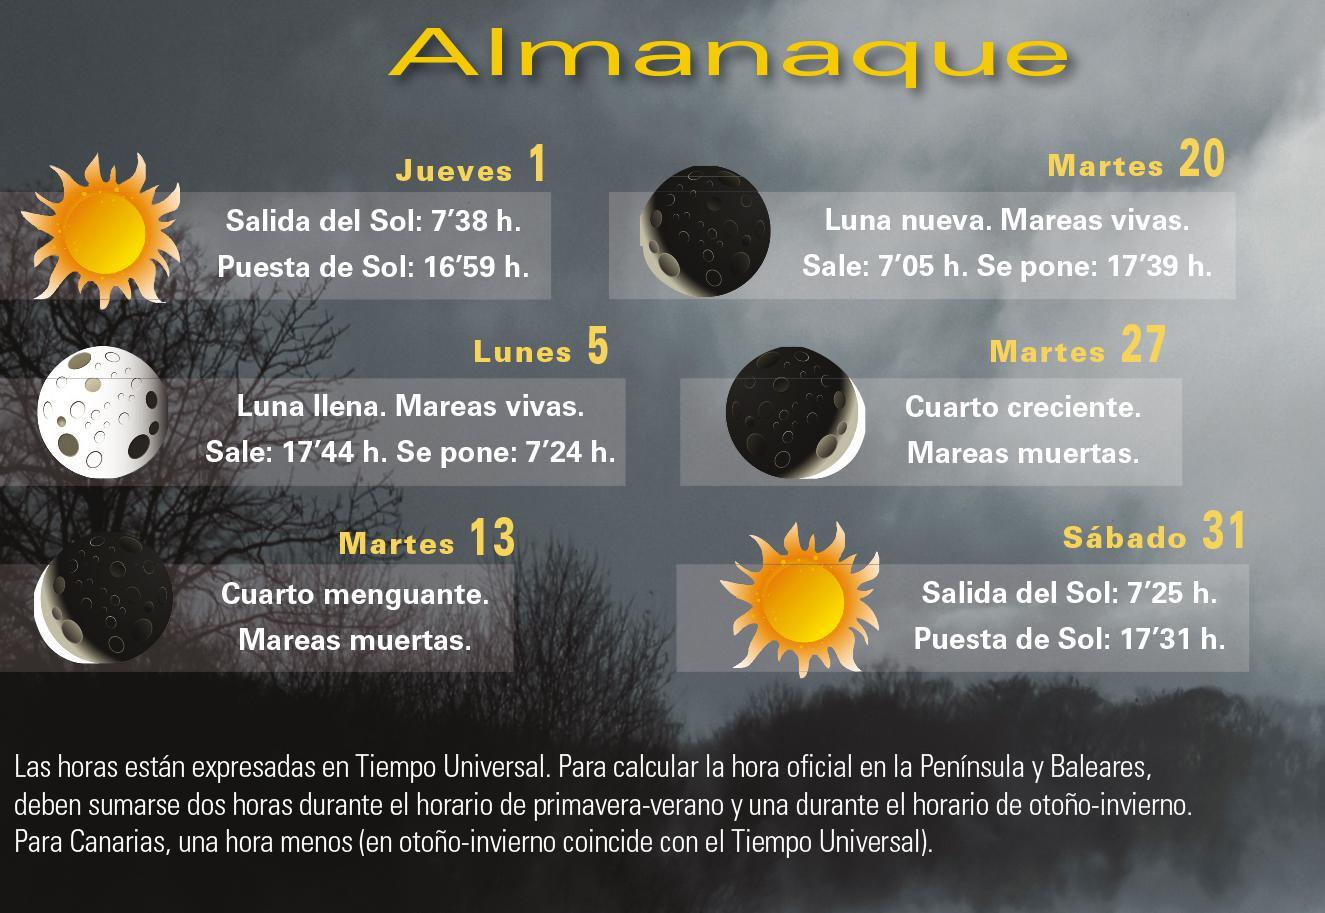 Almanaque Enero